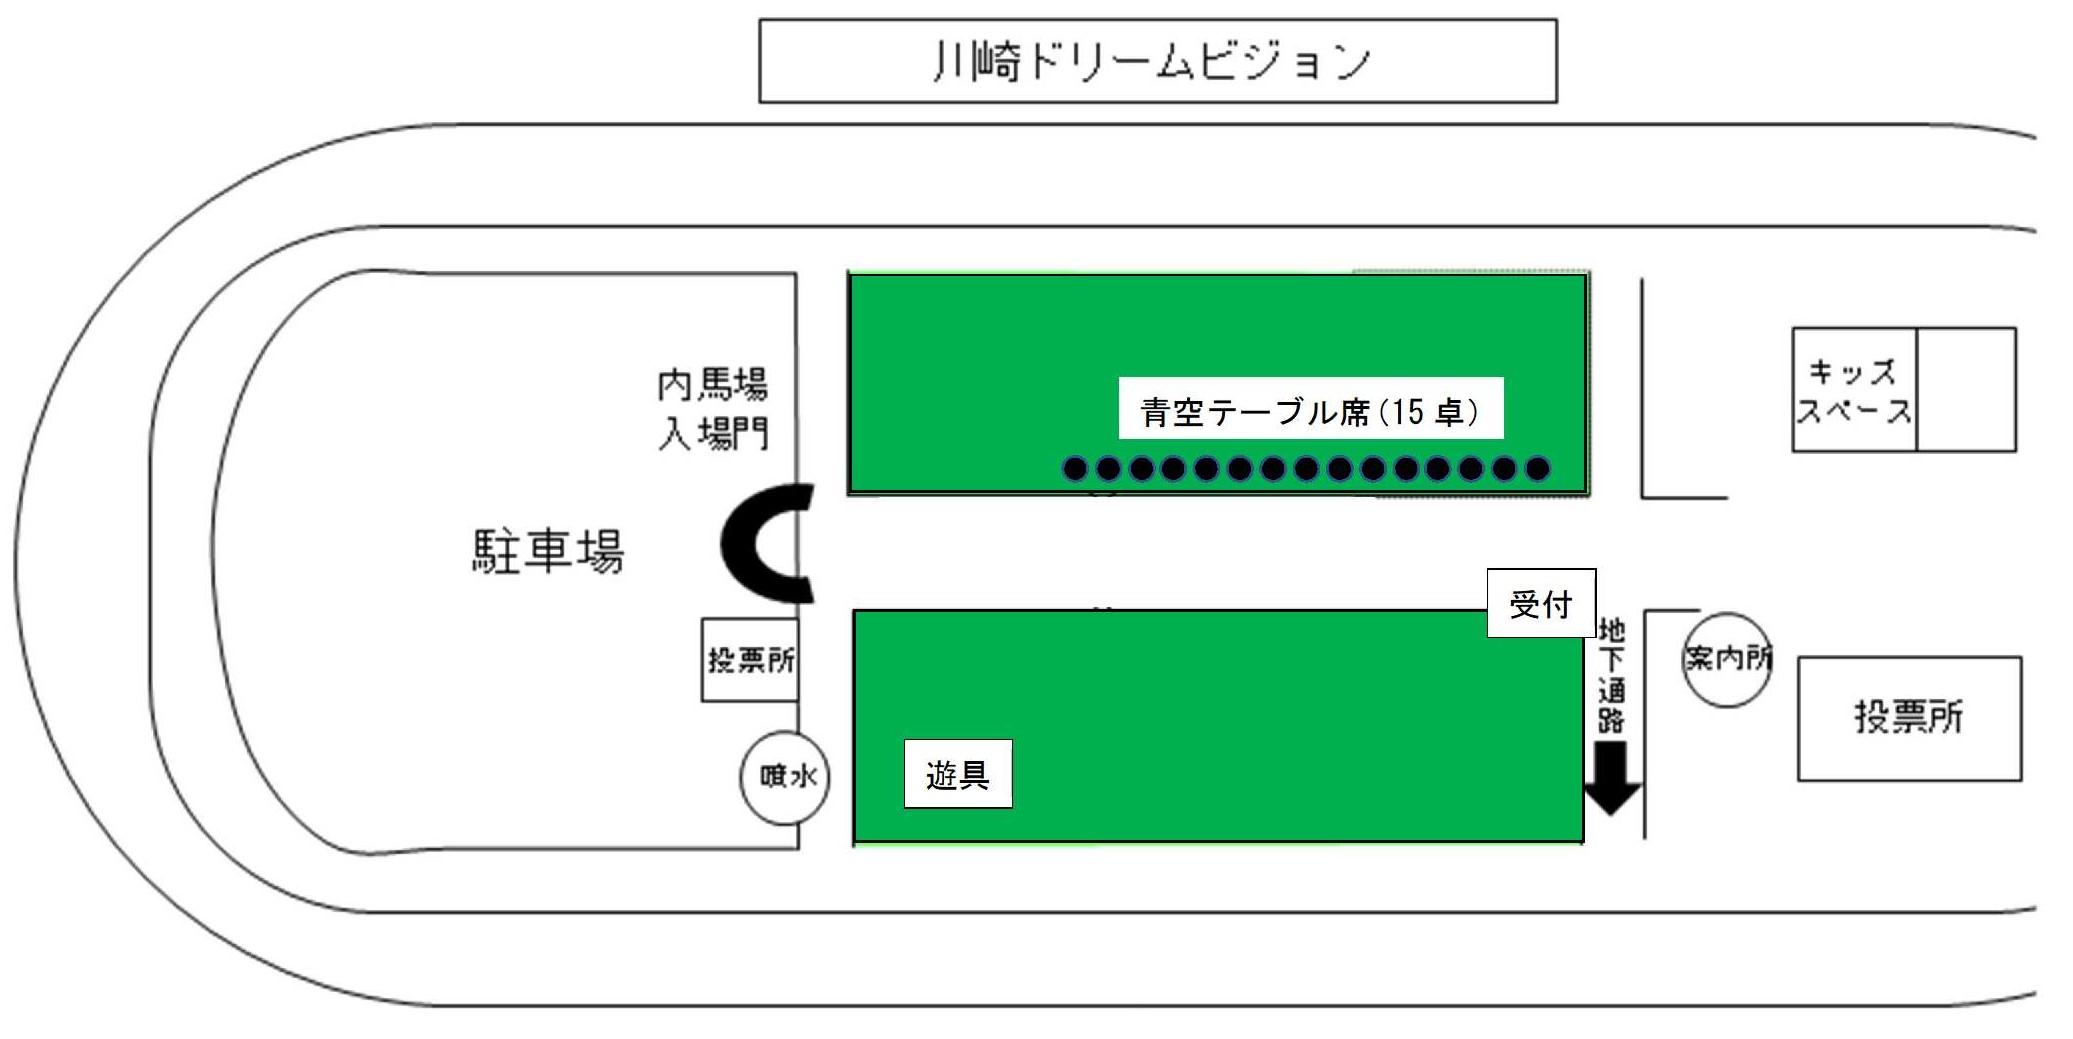 レイアウト図(トリミング)